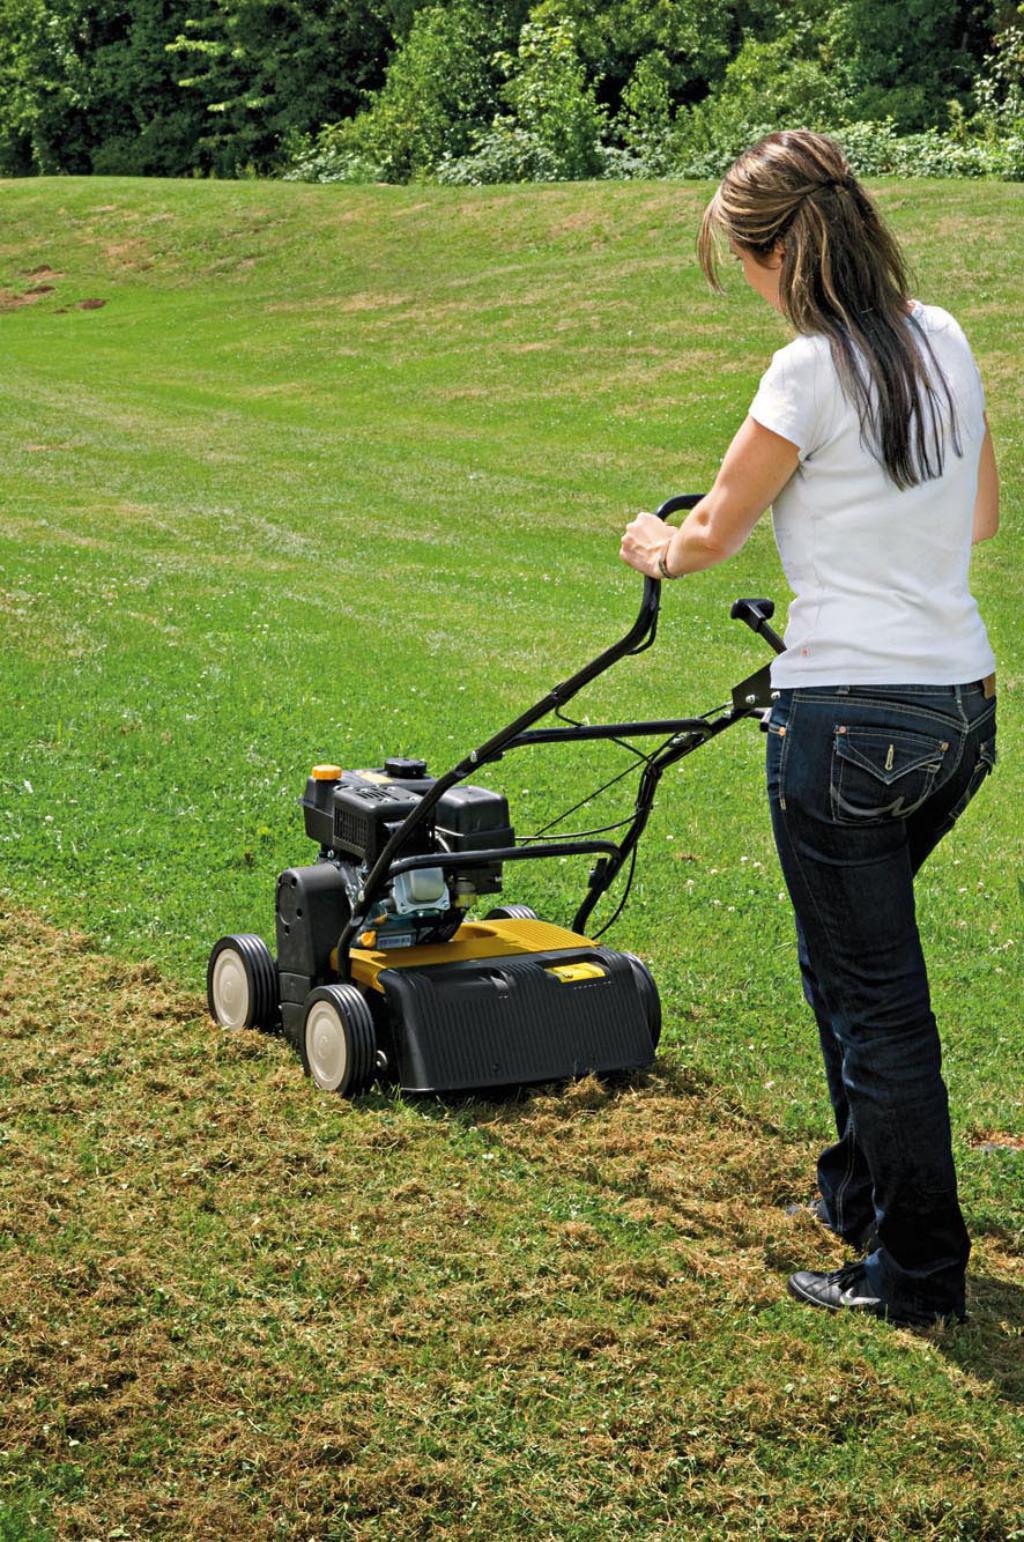 Avec le scarificateur cc v 40 b cub cadet le sol retrouve une a ration optim - Scarificateur pour pelouse ...